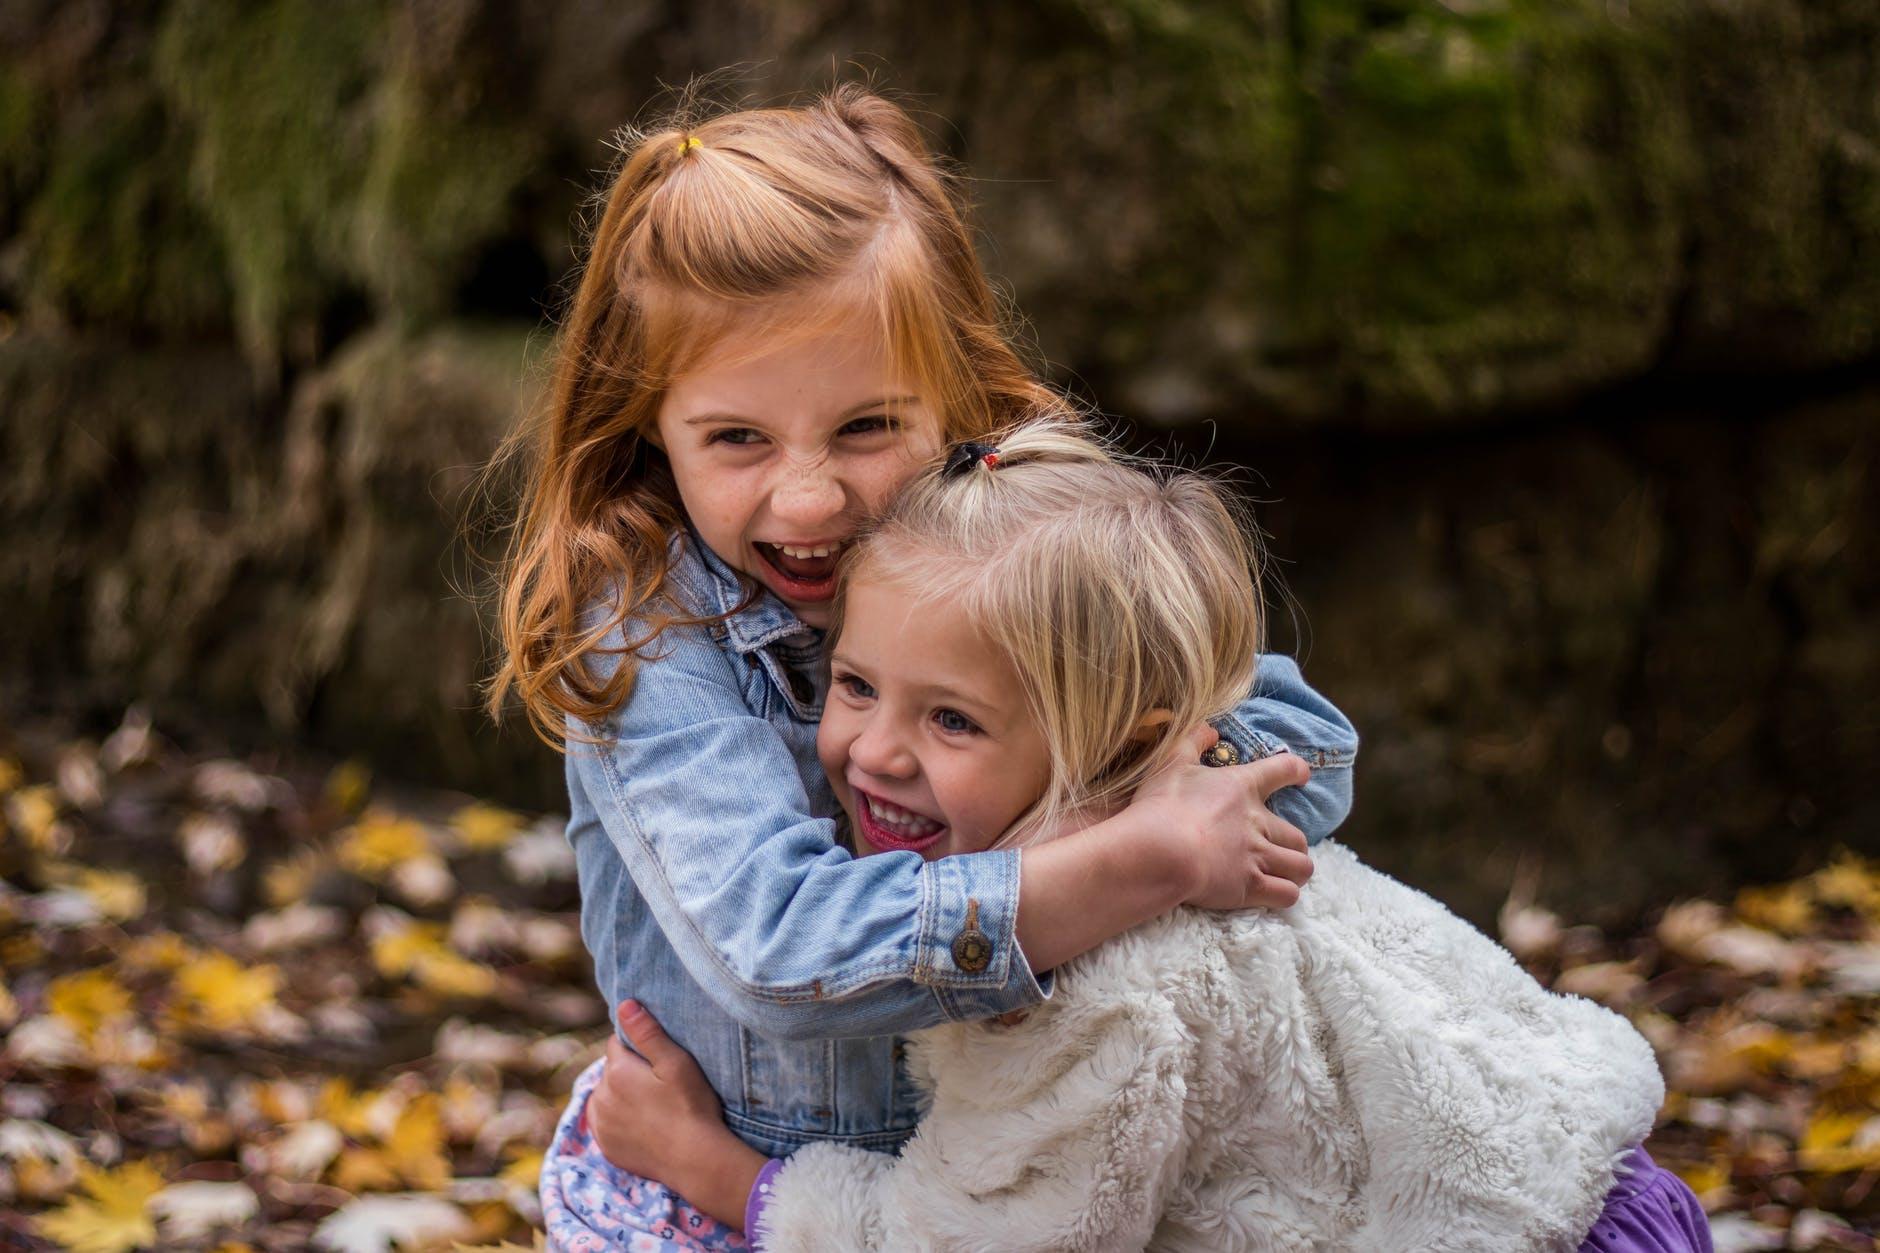 Saeima 1. lasījumā atbalsta pilsonības piešķiršanu nepilsoņu bērniem